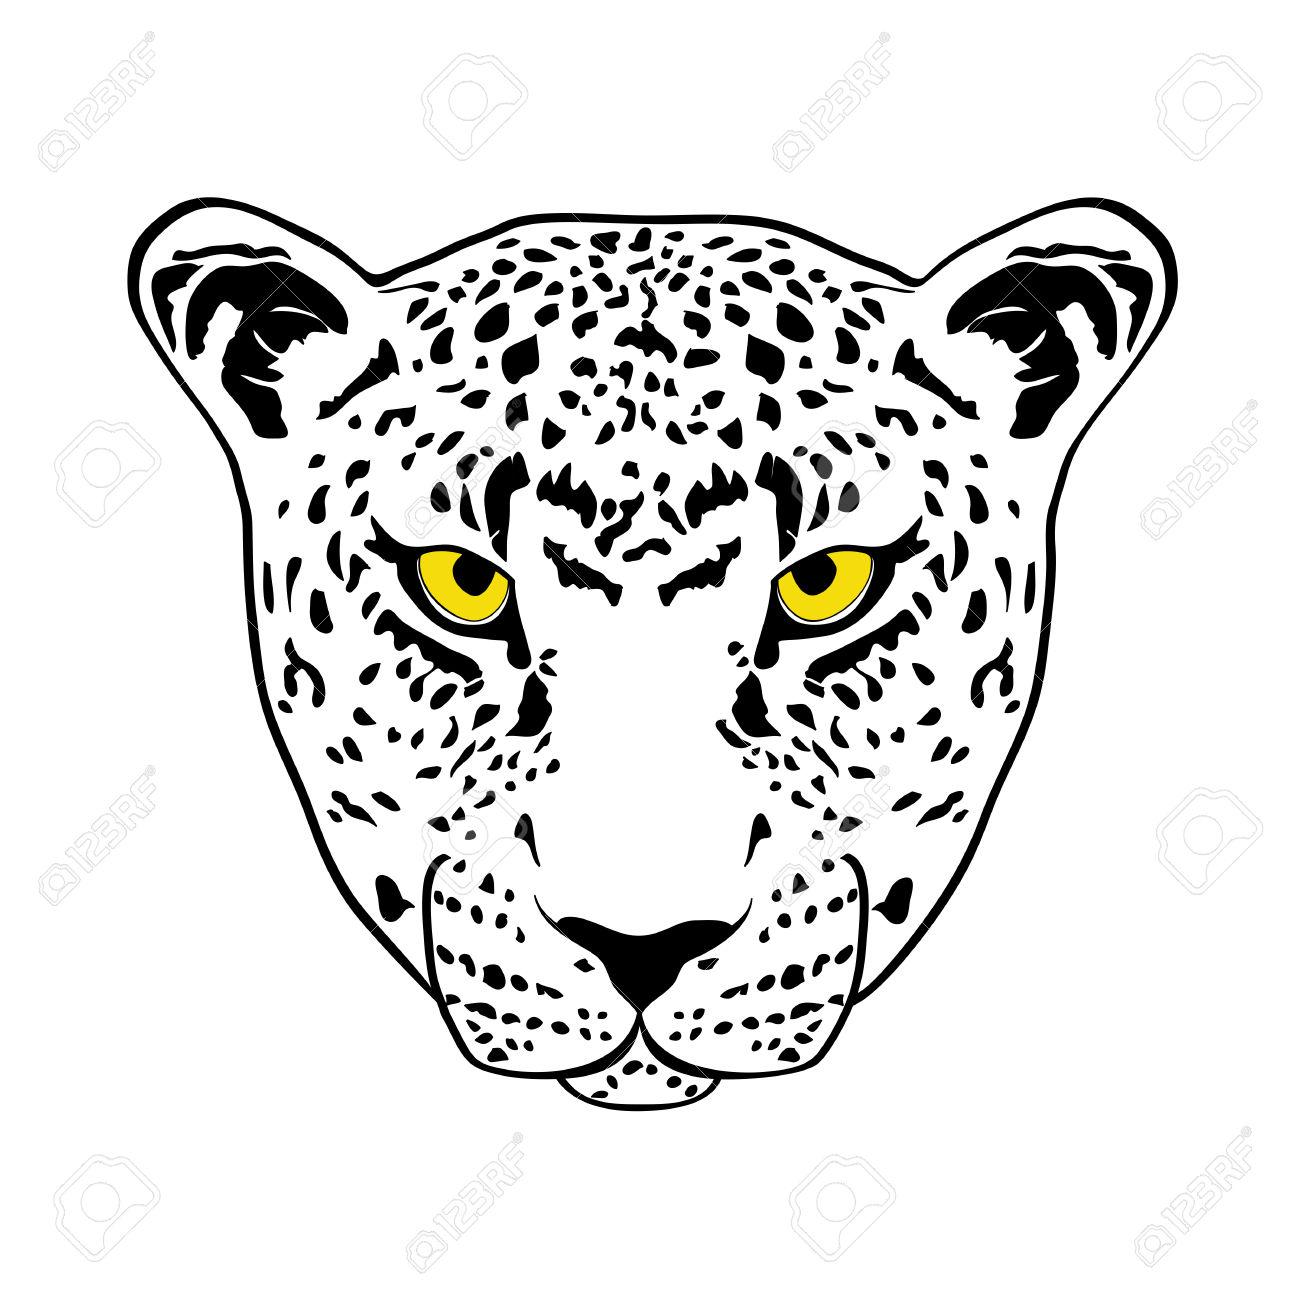 Yellow Eyes Cheetah Royalty Free Cliparts, Vectors, And Stock.